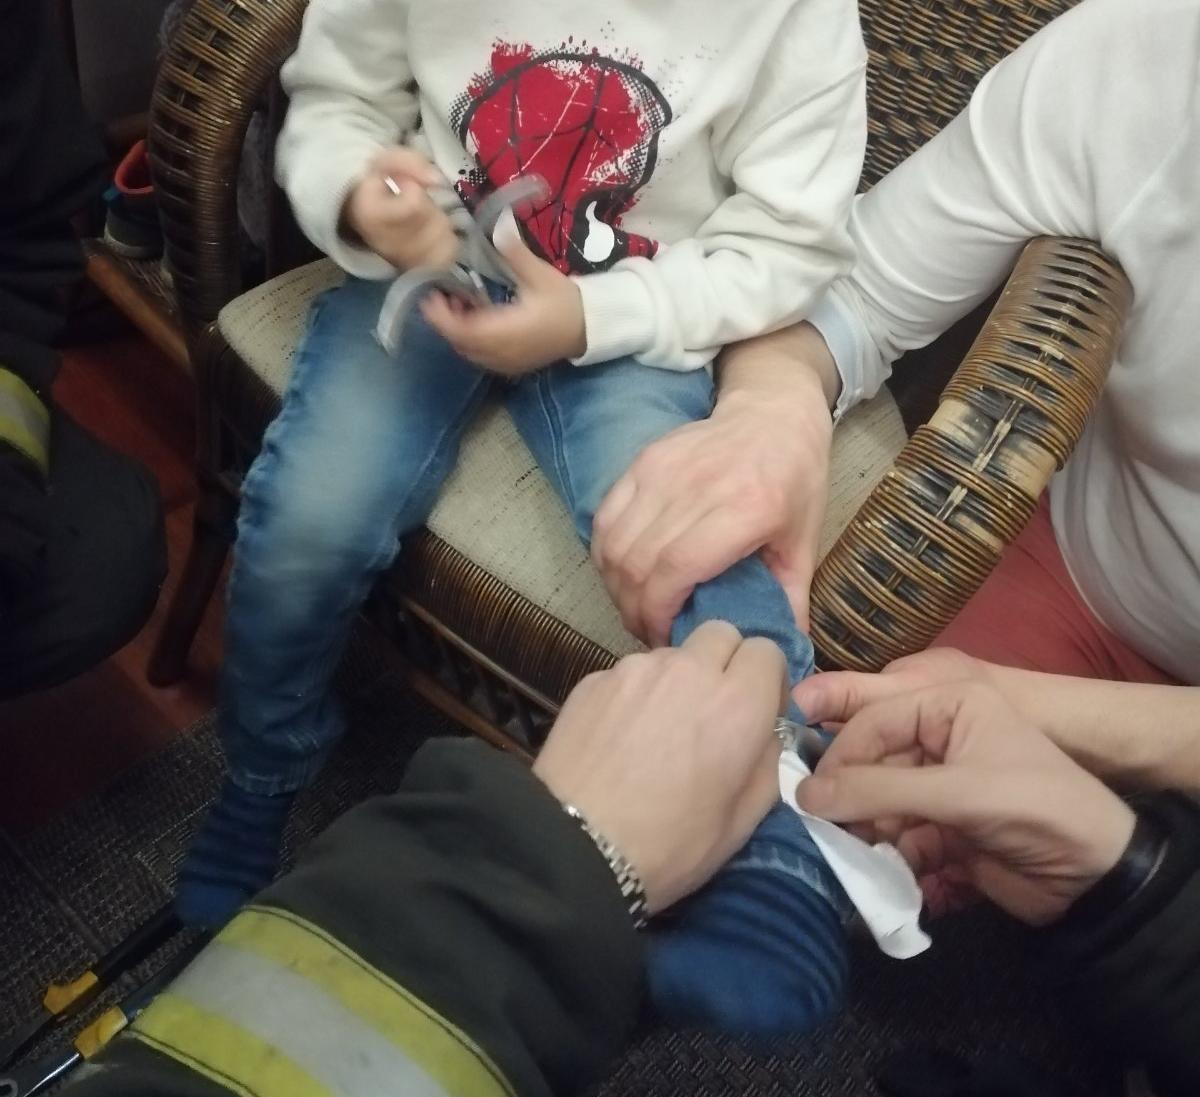 В Минске сотрудники МЧС спасли ребенка из наручников